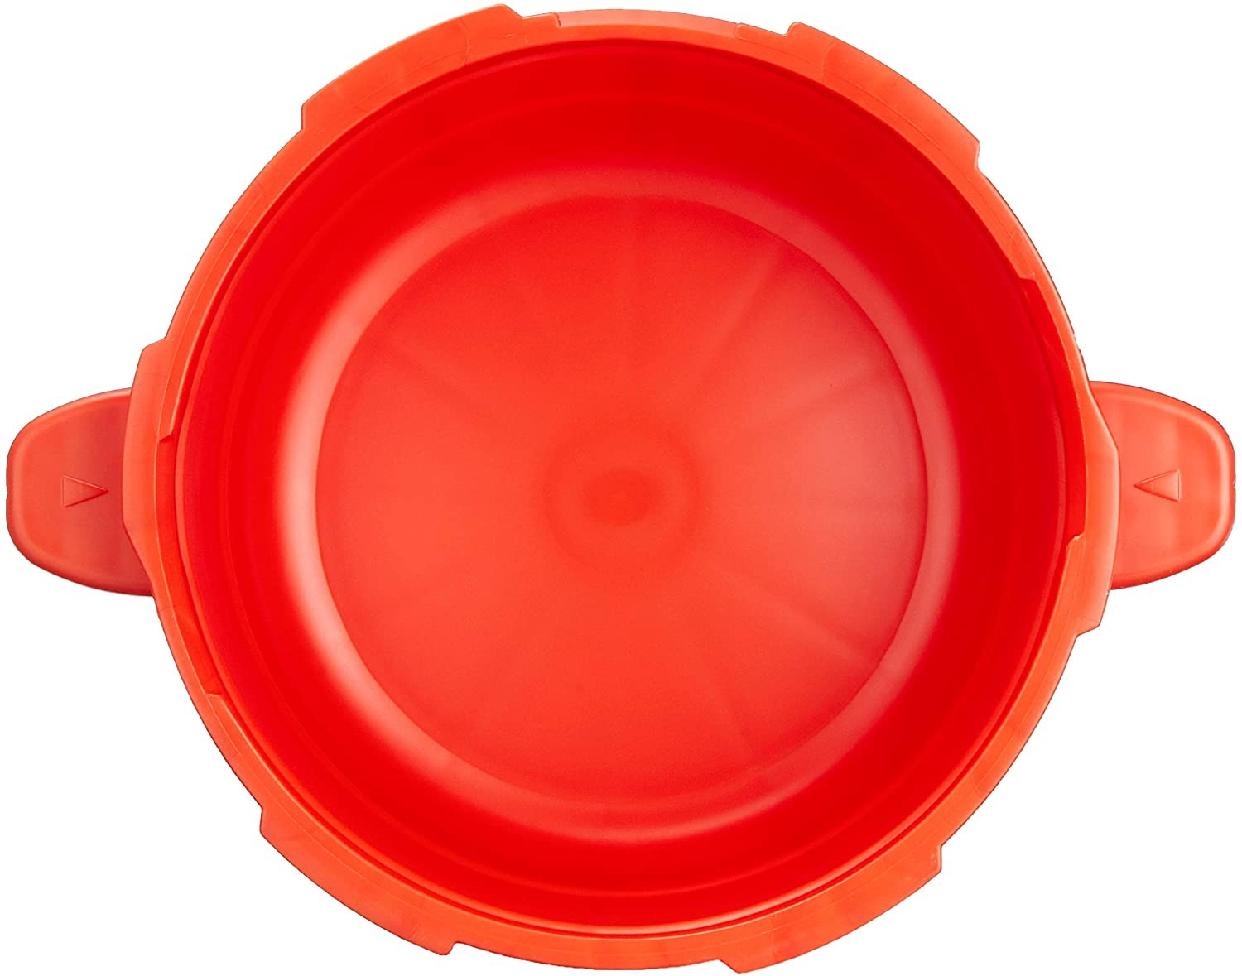 MEYER(マイヤー) 電子レンジ圧力鍋 オレンジ 2.3L MPC2.3POの商品画像3